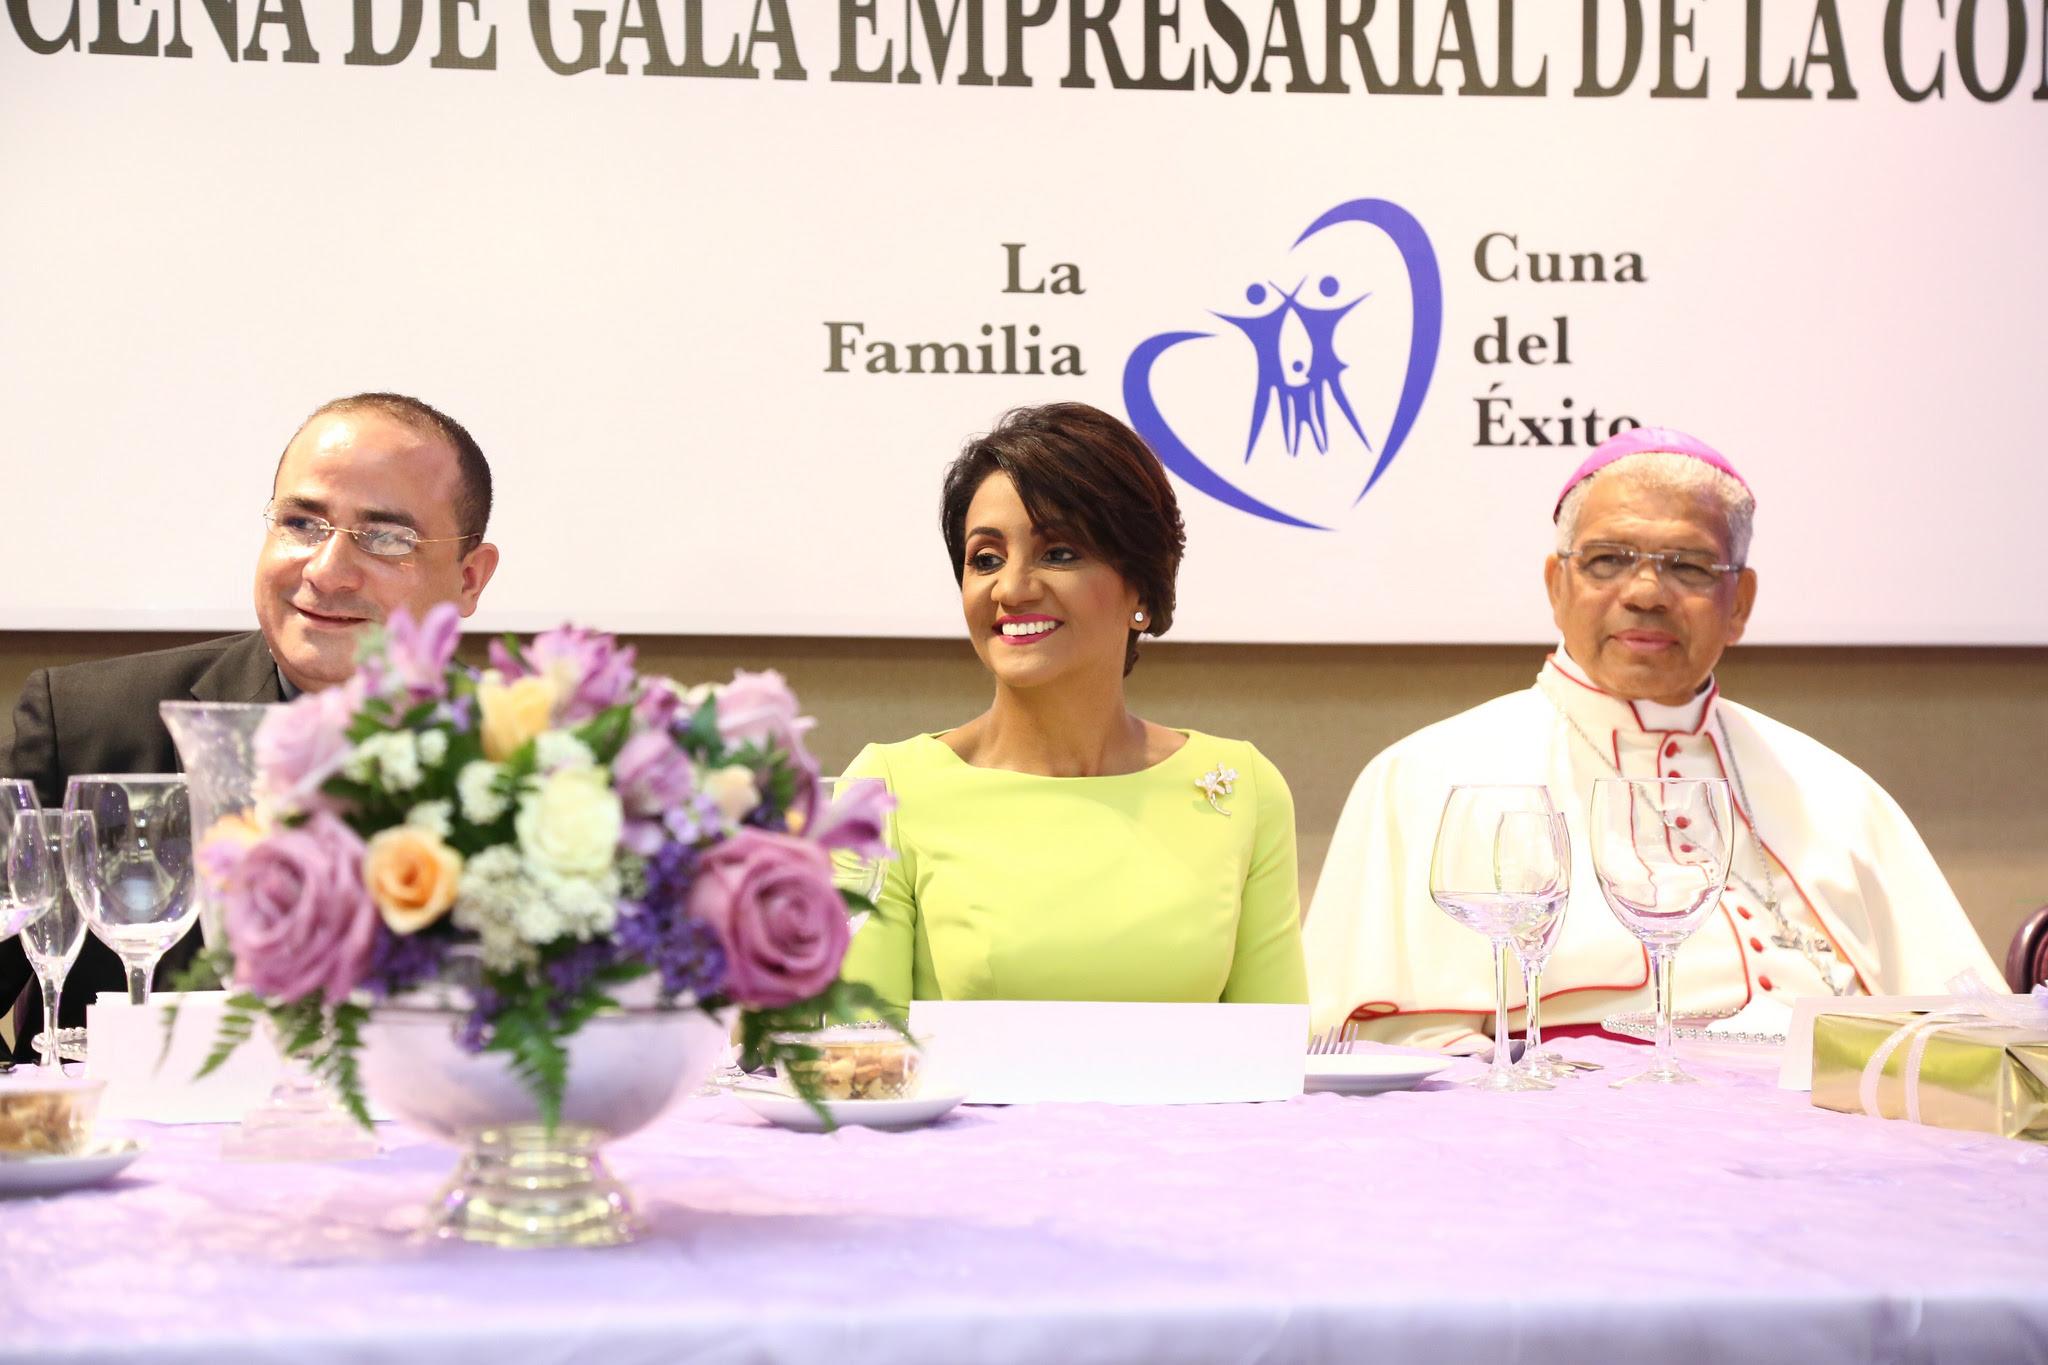 , Primera Dama asiste a XVI Cena de Gala Empresarial de la Confraternidad, de la parroquia San Antonio de Padua